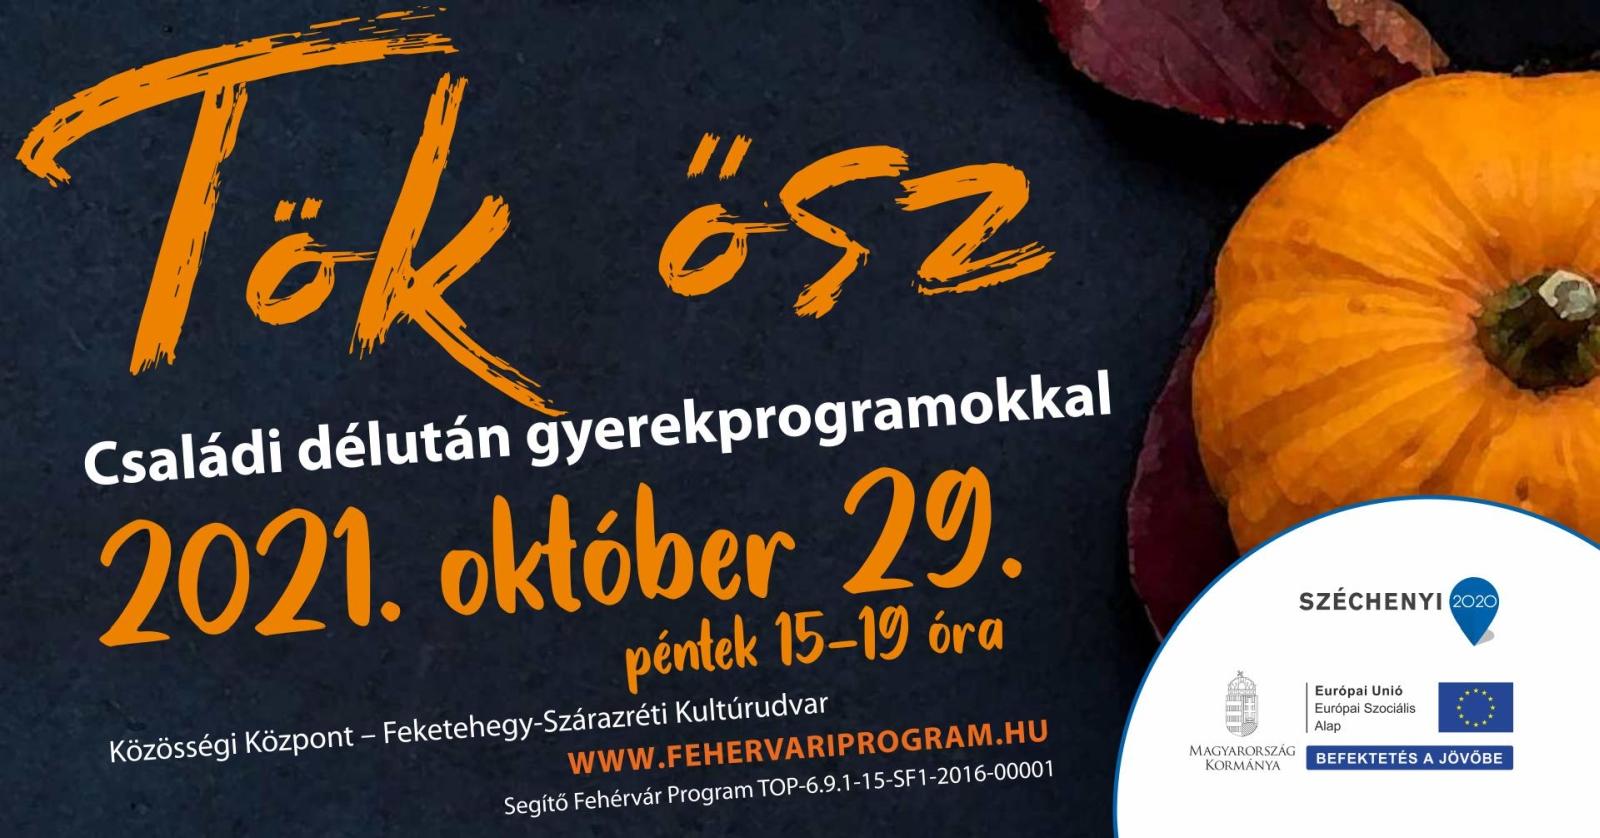 Tök ősz – családi délután gyerekprogramokkal @ Közösségi Központ – Feketehegy-Szárazréti Kultúrudvar